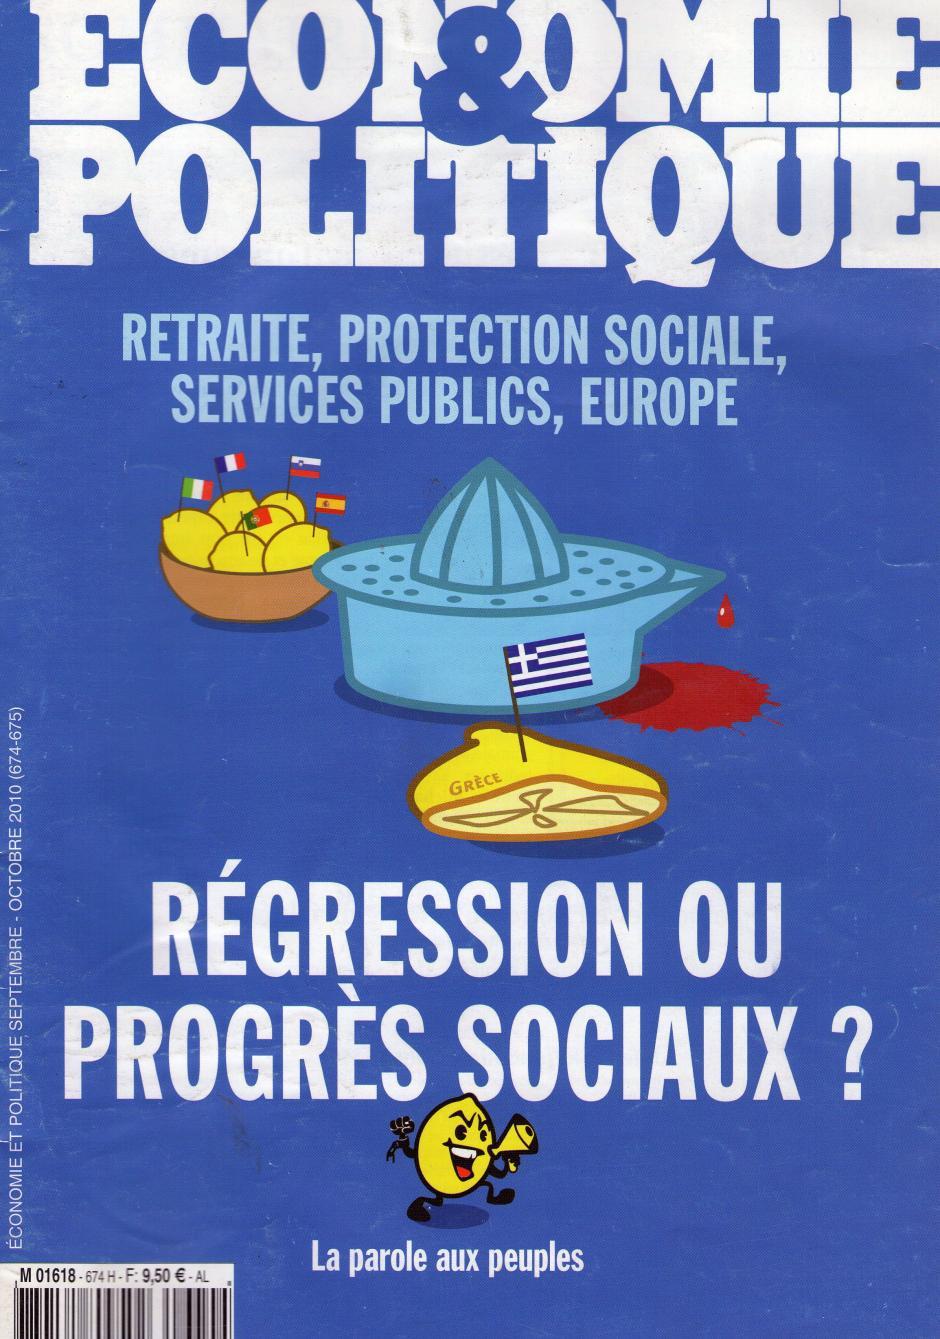 Economie & Politique de septembre-octobre 2010